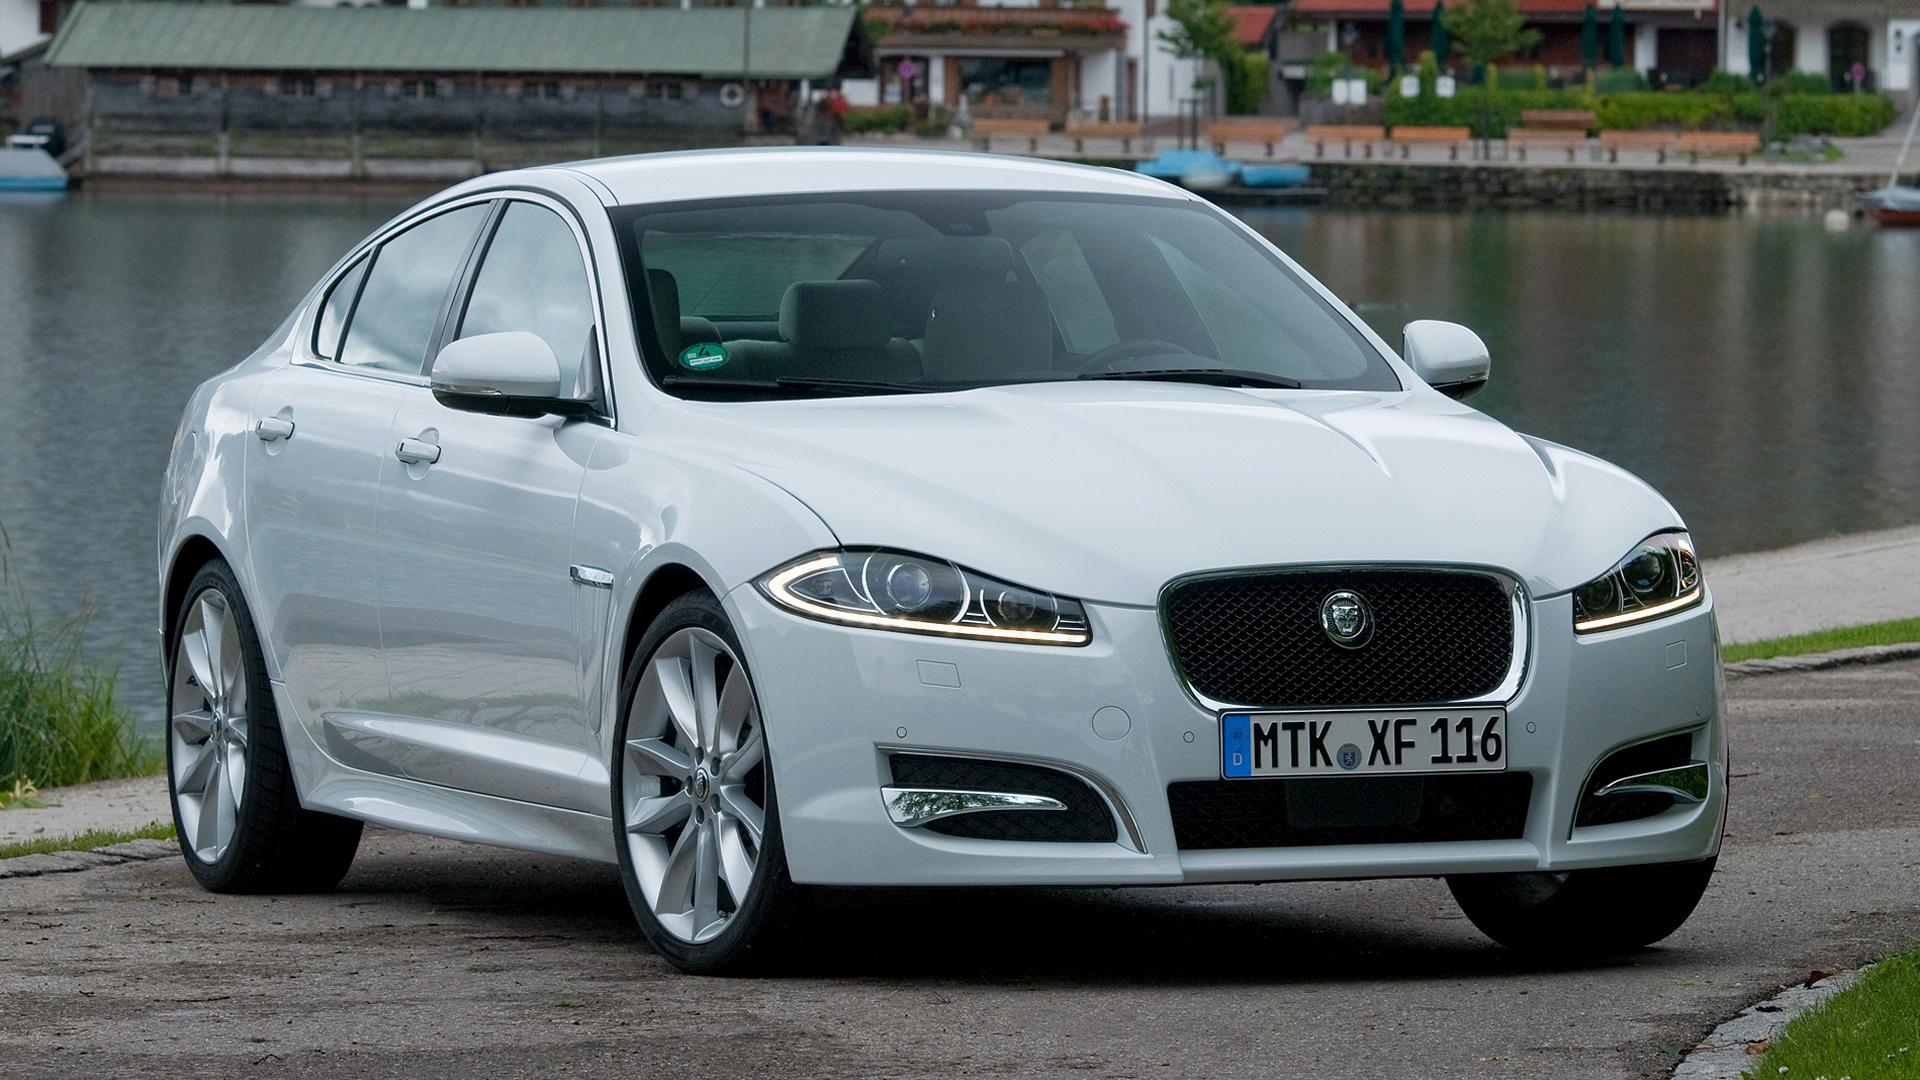 Jaguar Xf Aerodynamic Pack 2011 Wallpapers And Hd Images Car Pixel